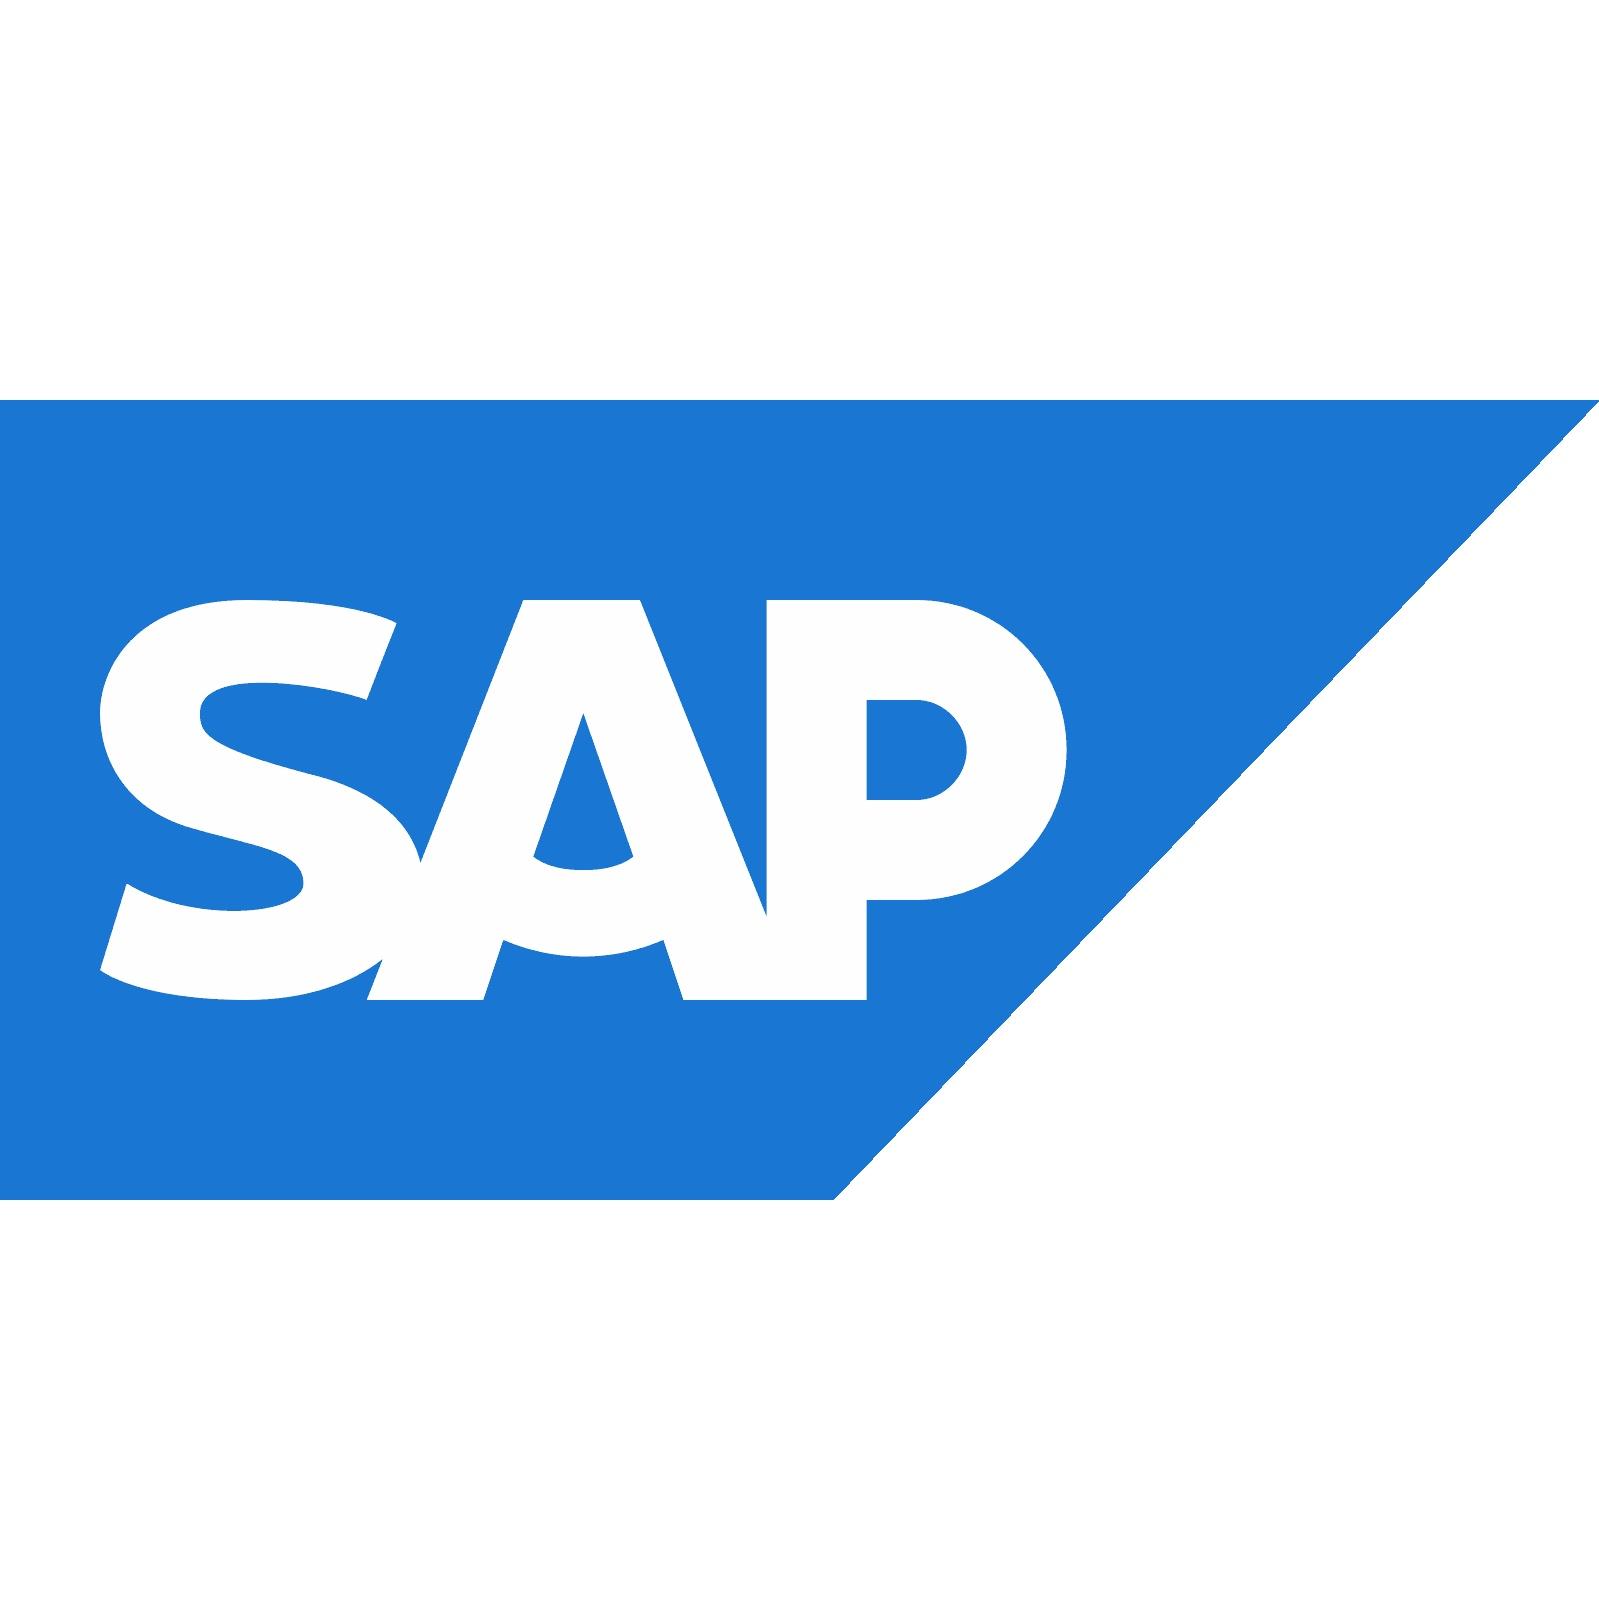 Sap-Logo--e1530285069227.png